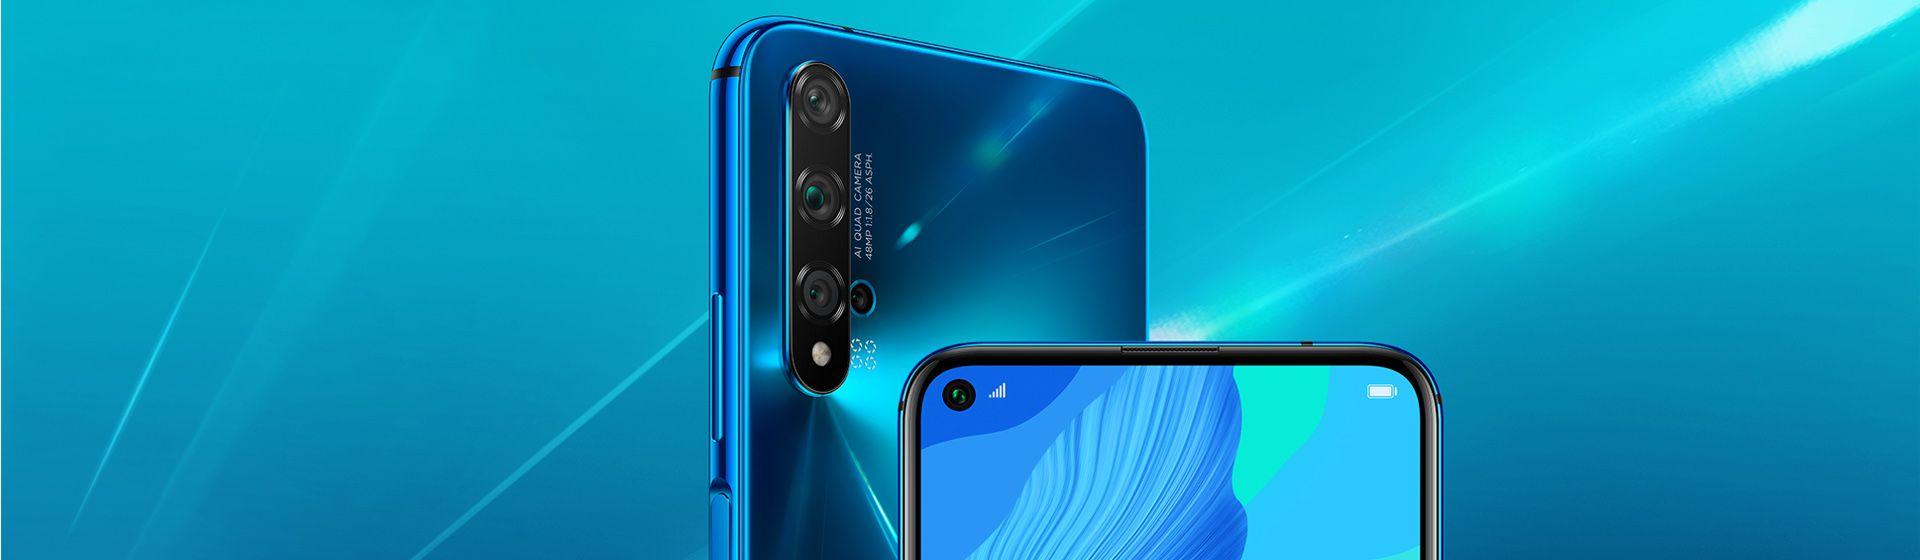 Huawei nova 5T chega ao Brasil com apps do Google; veja ficha técnica e preço